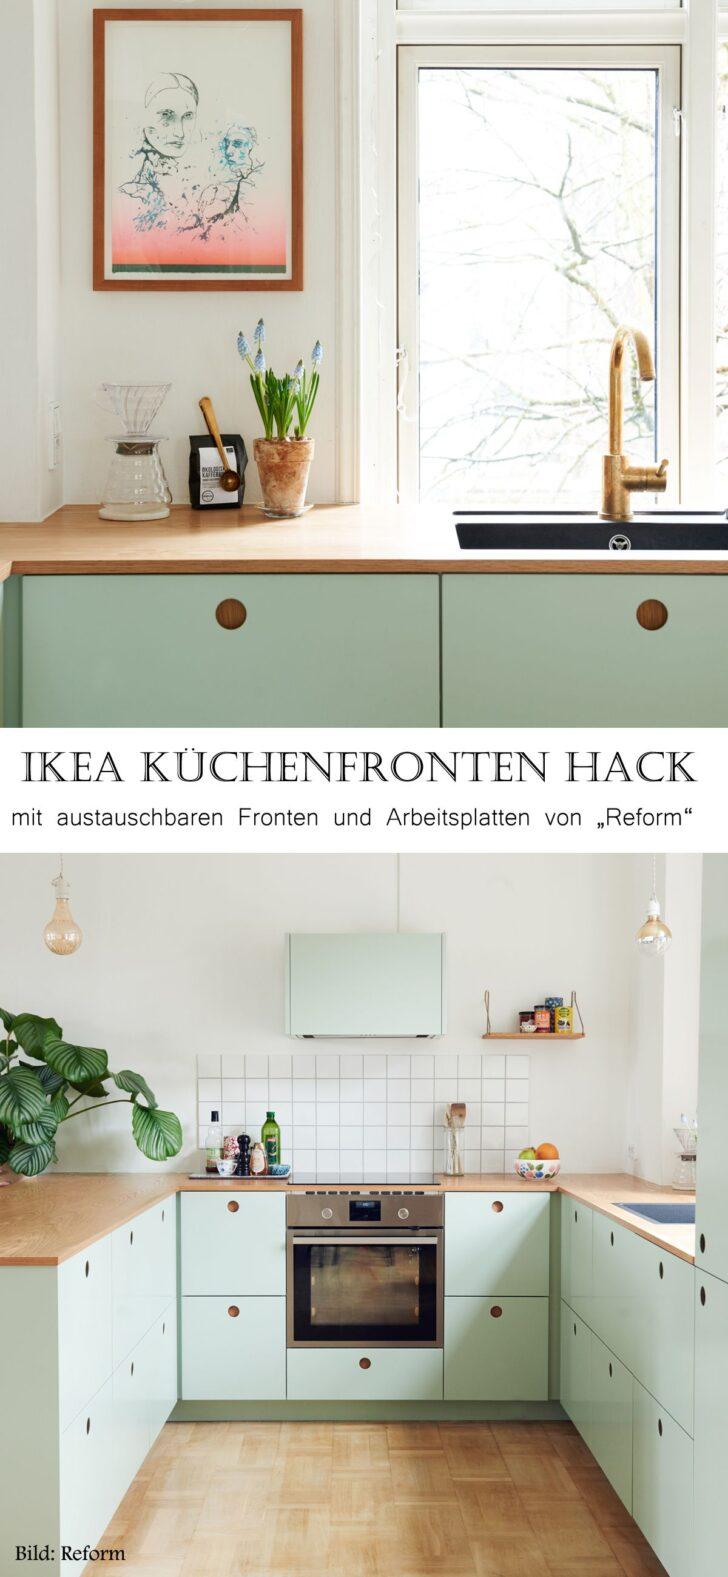 Medium Size of Küche Deko Ikea Kchenfronten Pimpen Kchen Fronten Sideboard Landküche Nobilia Arbeitsschuhe Holzküche Pendelleuchte Planen Kostenlos Billig Schreinerküche Wohnzimmer Küche Deko Ikea